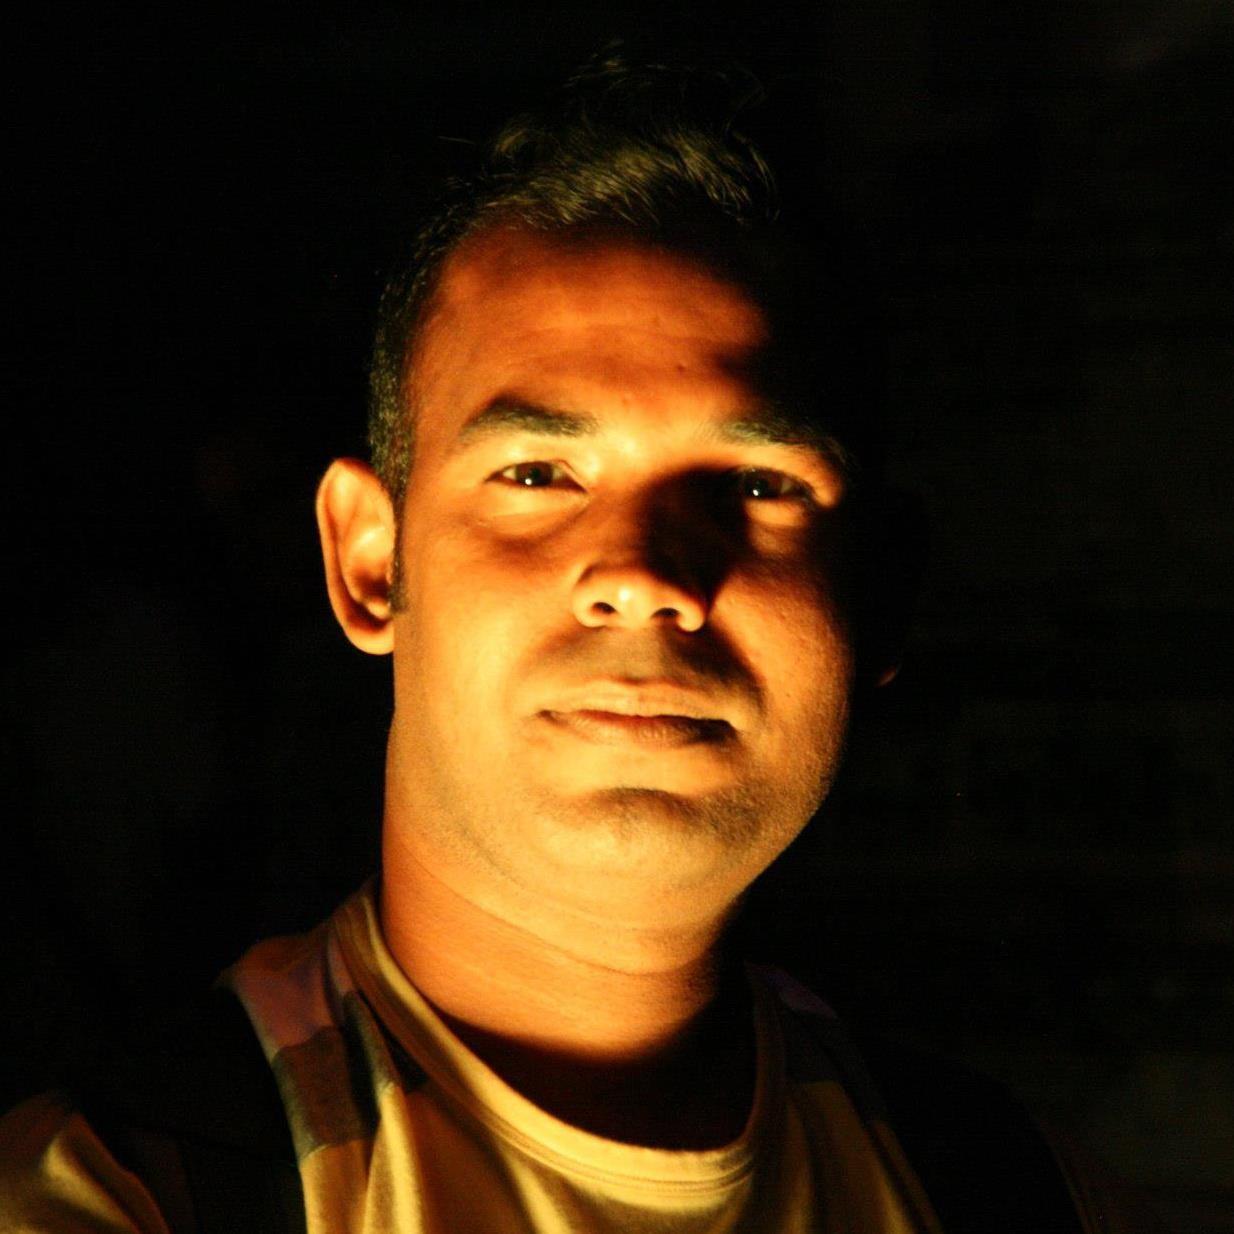 মুঃ গোলাম মোর্শেদ (উজ্জ্বল)